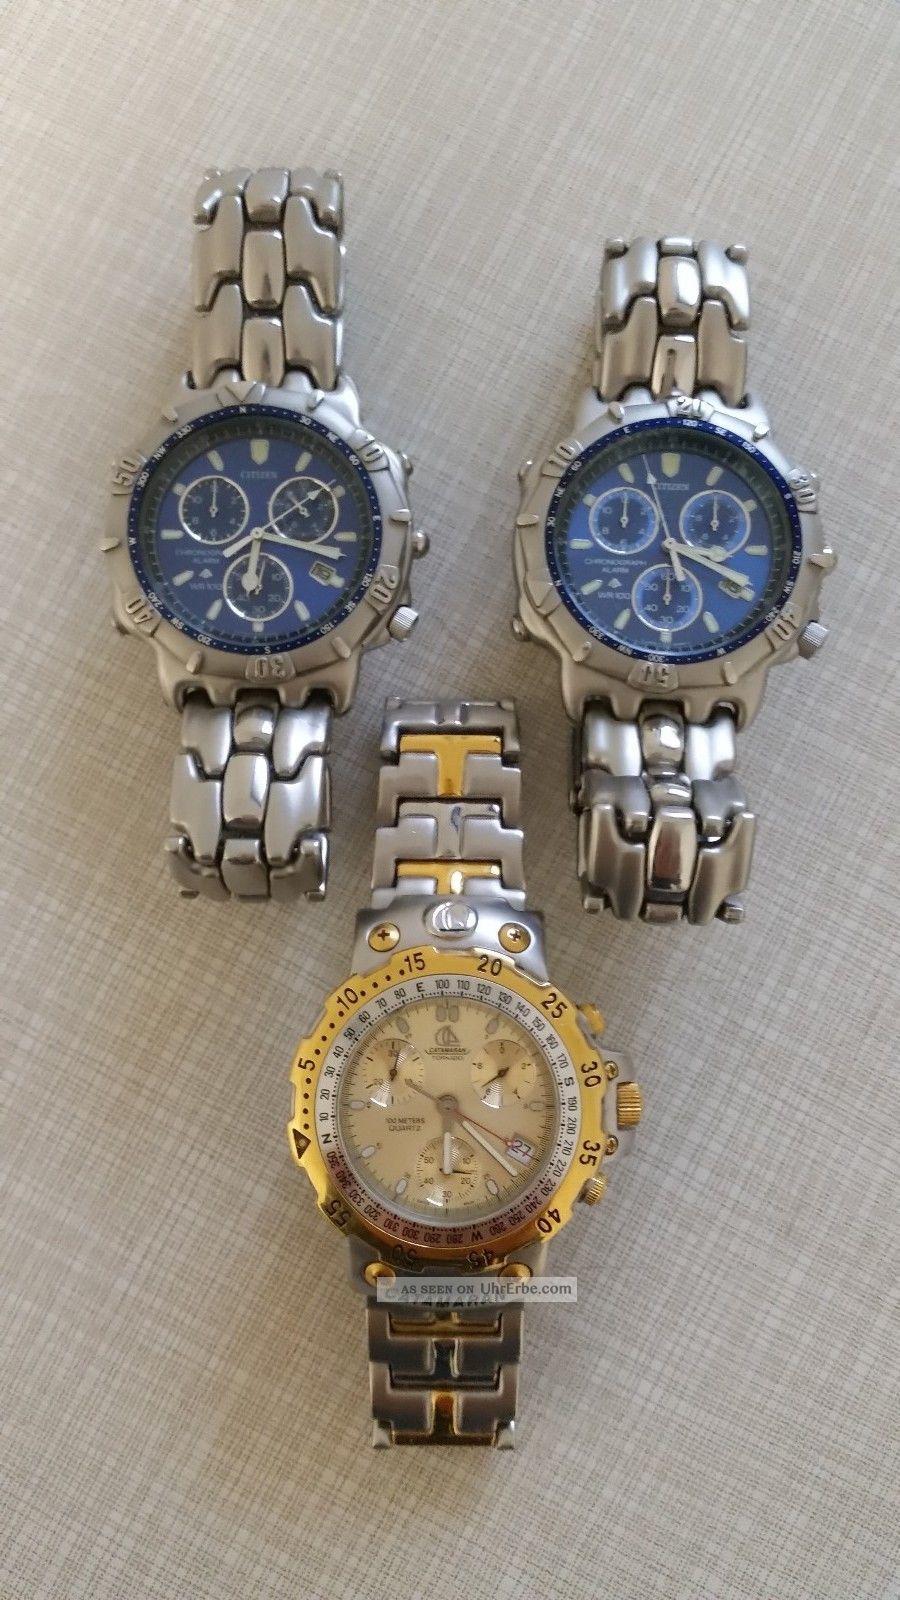 Citizen,  Catamaran Chronograph Uhren Armbanduhren Bild